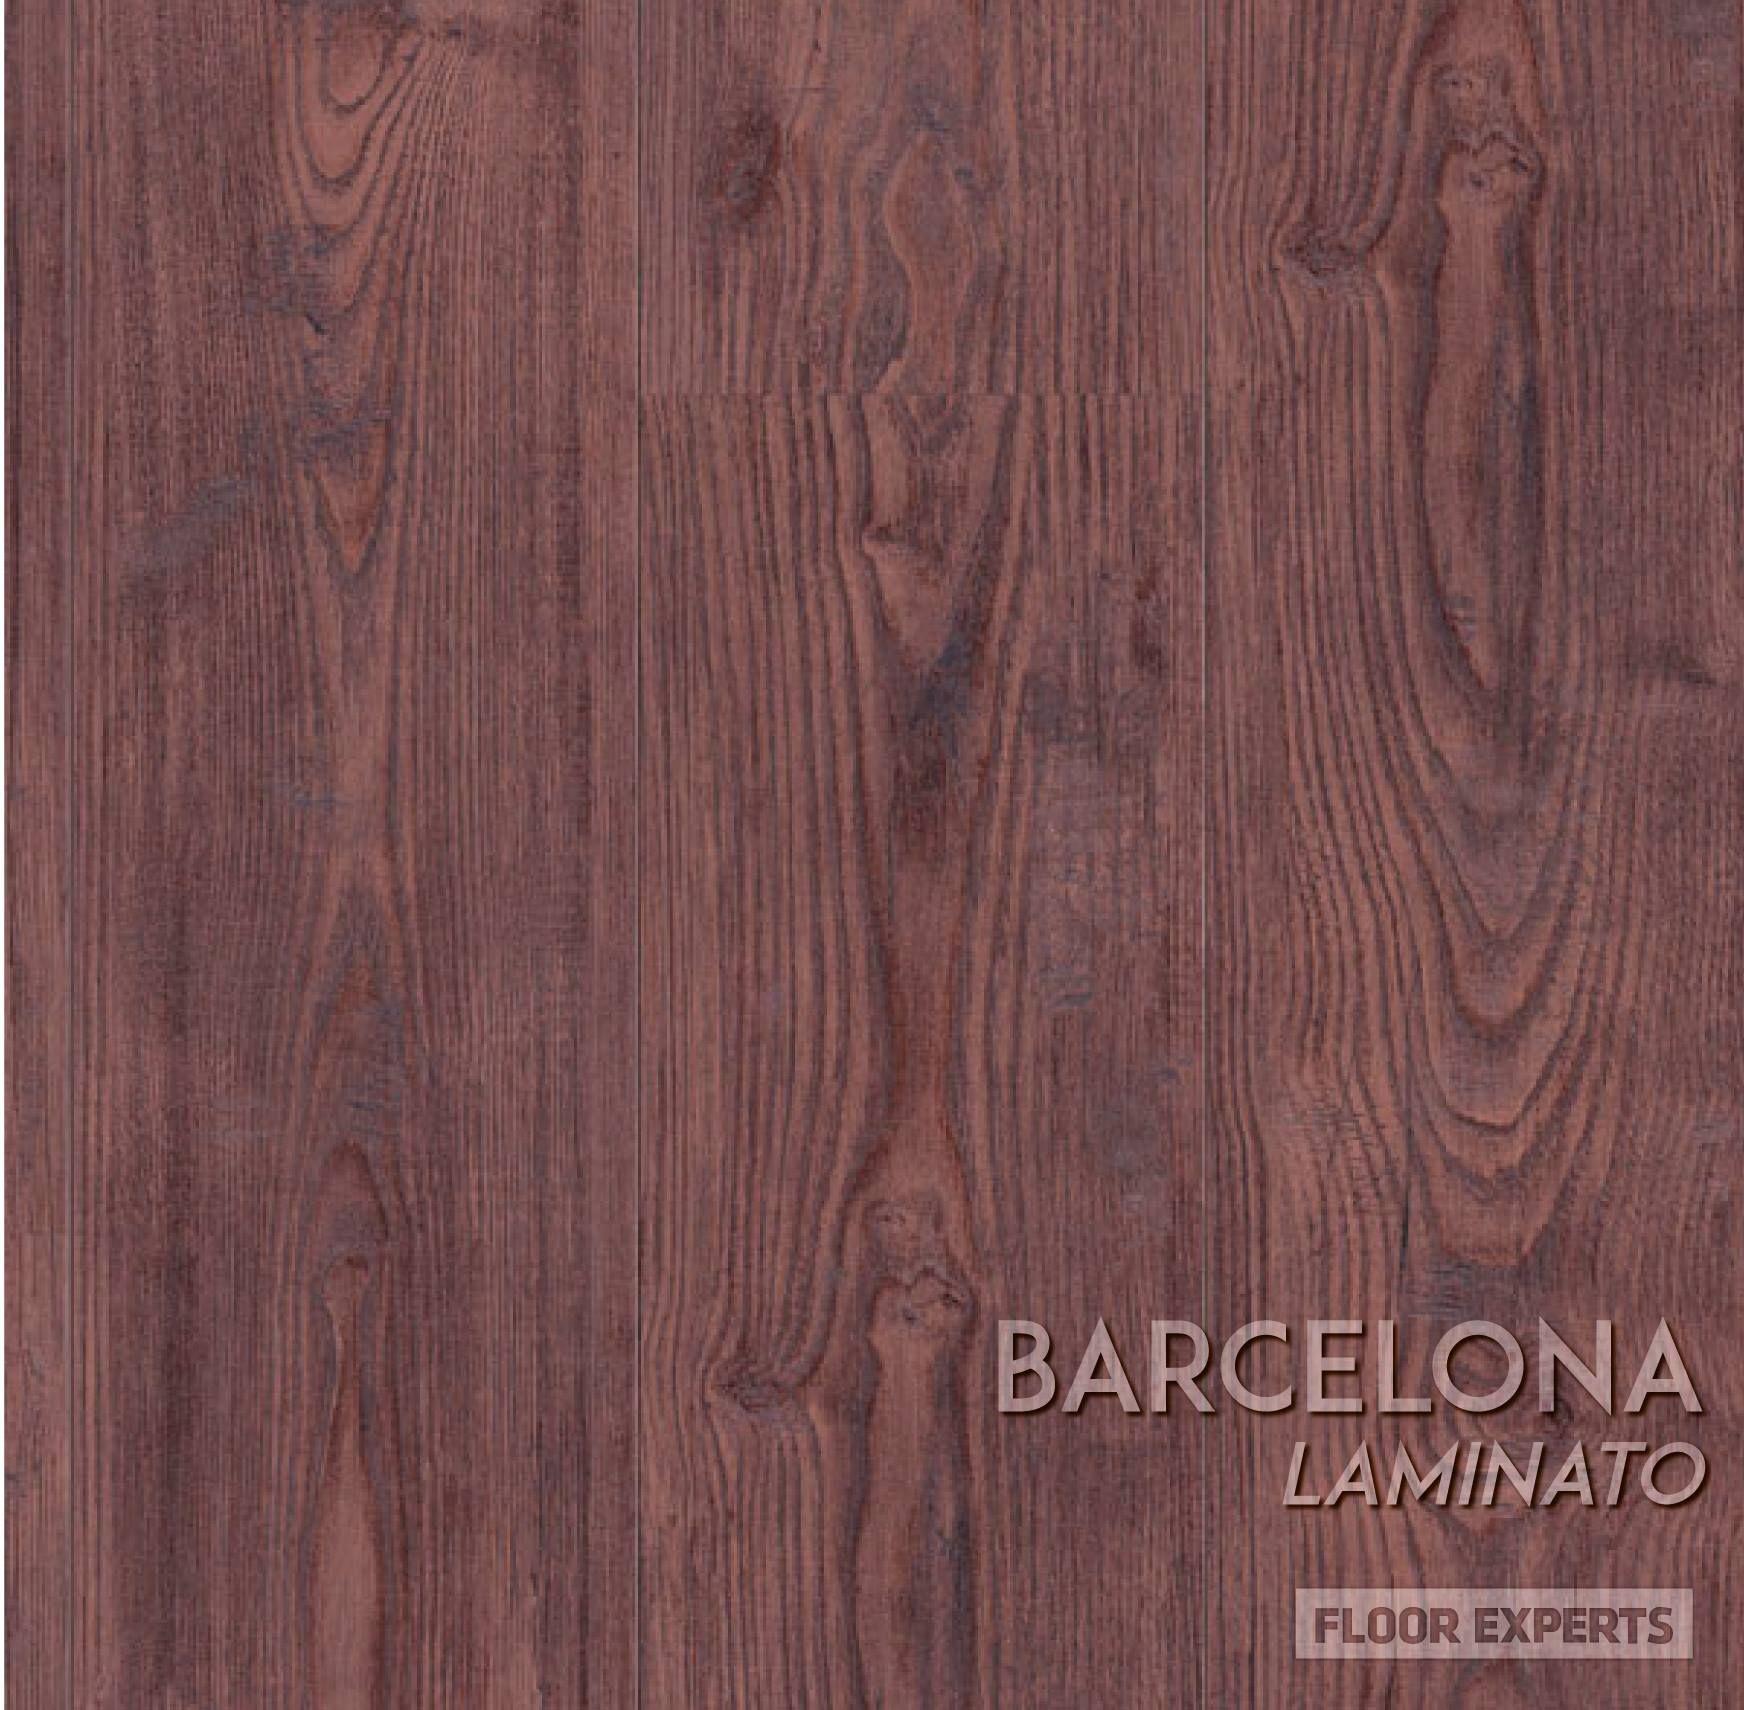 Posa Parquet Flottante Fai Da Te laminato barcelona ✅ plance da 244x1380. ✅ 8mm di spessore